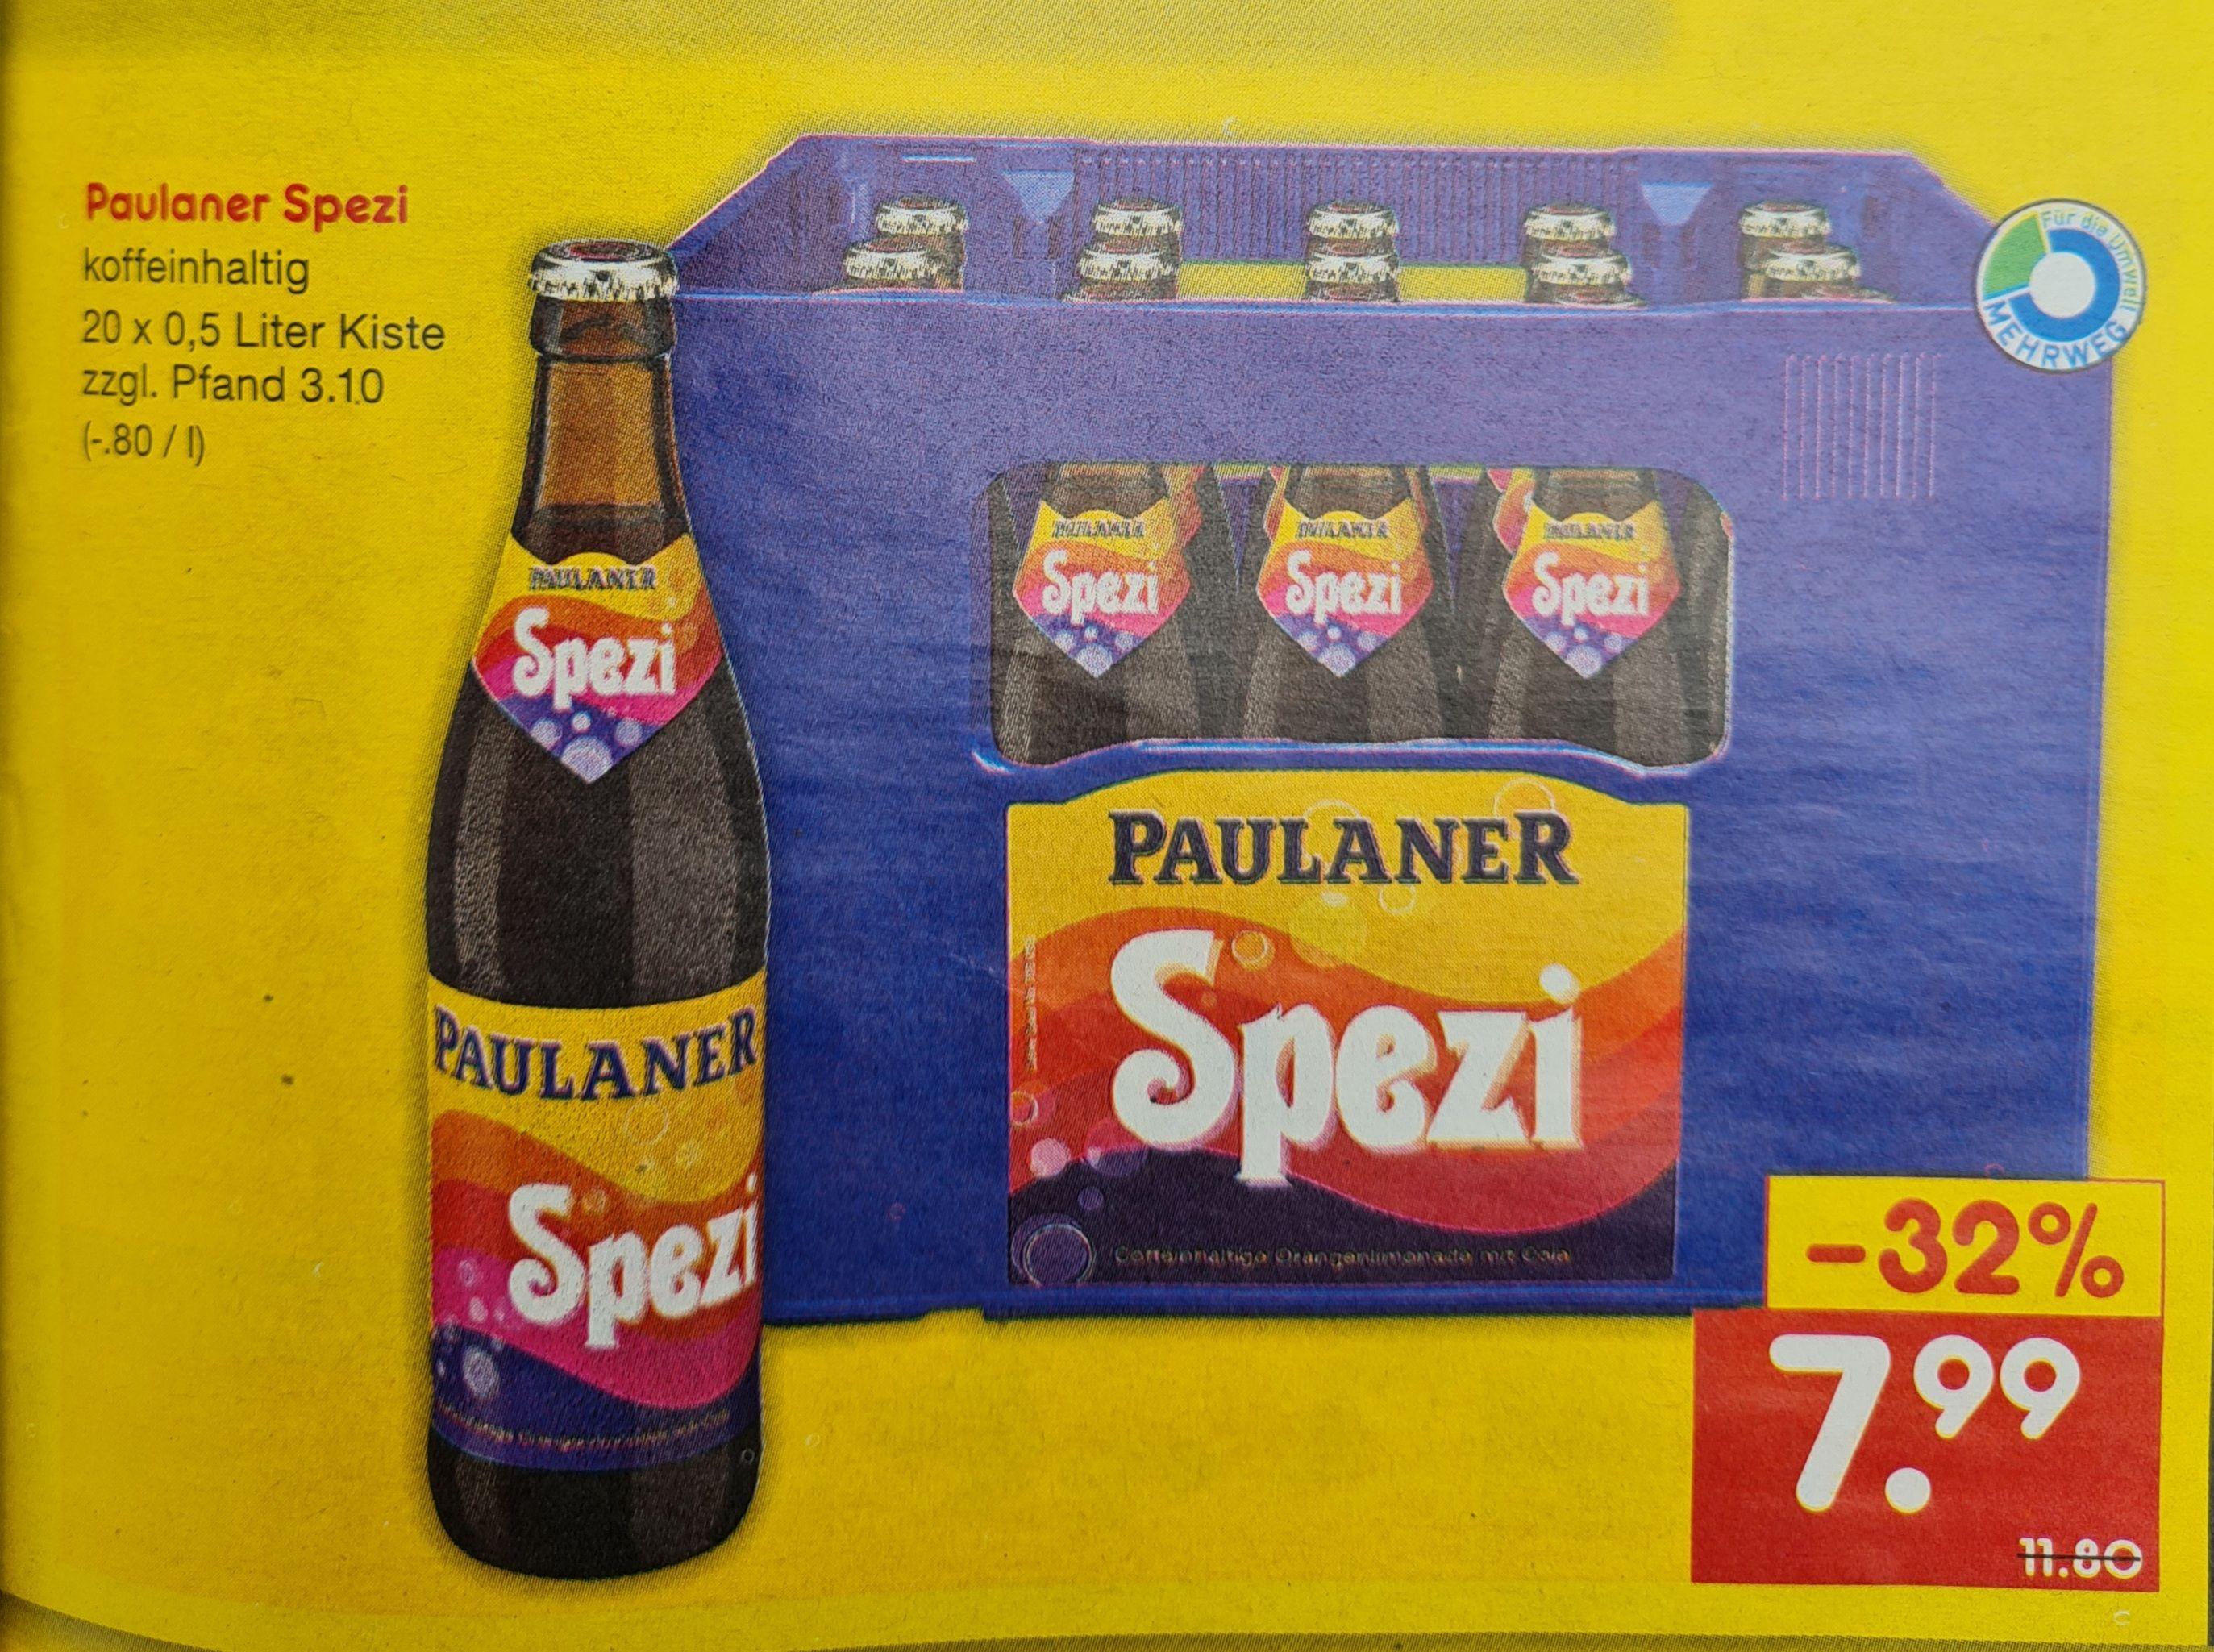 Paulaner Spezi 20x0,5 Liter Kiste zzgl Pfand. 3,10€ ab 17.06 Netto MD